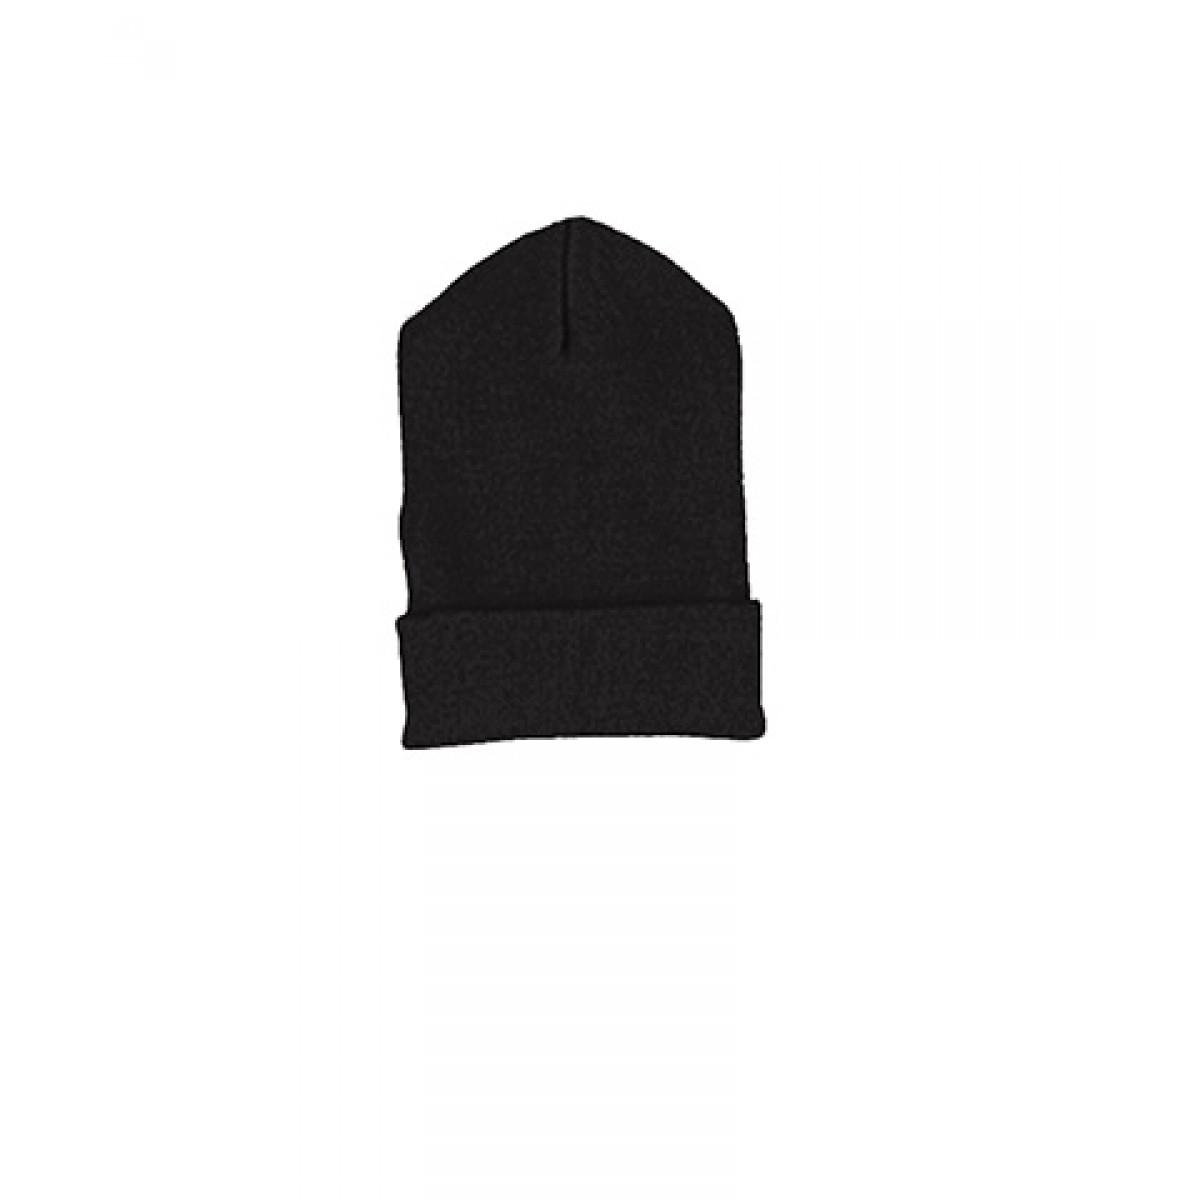 Yupoong Cuffed Knit Cap